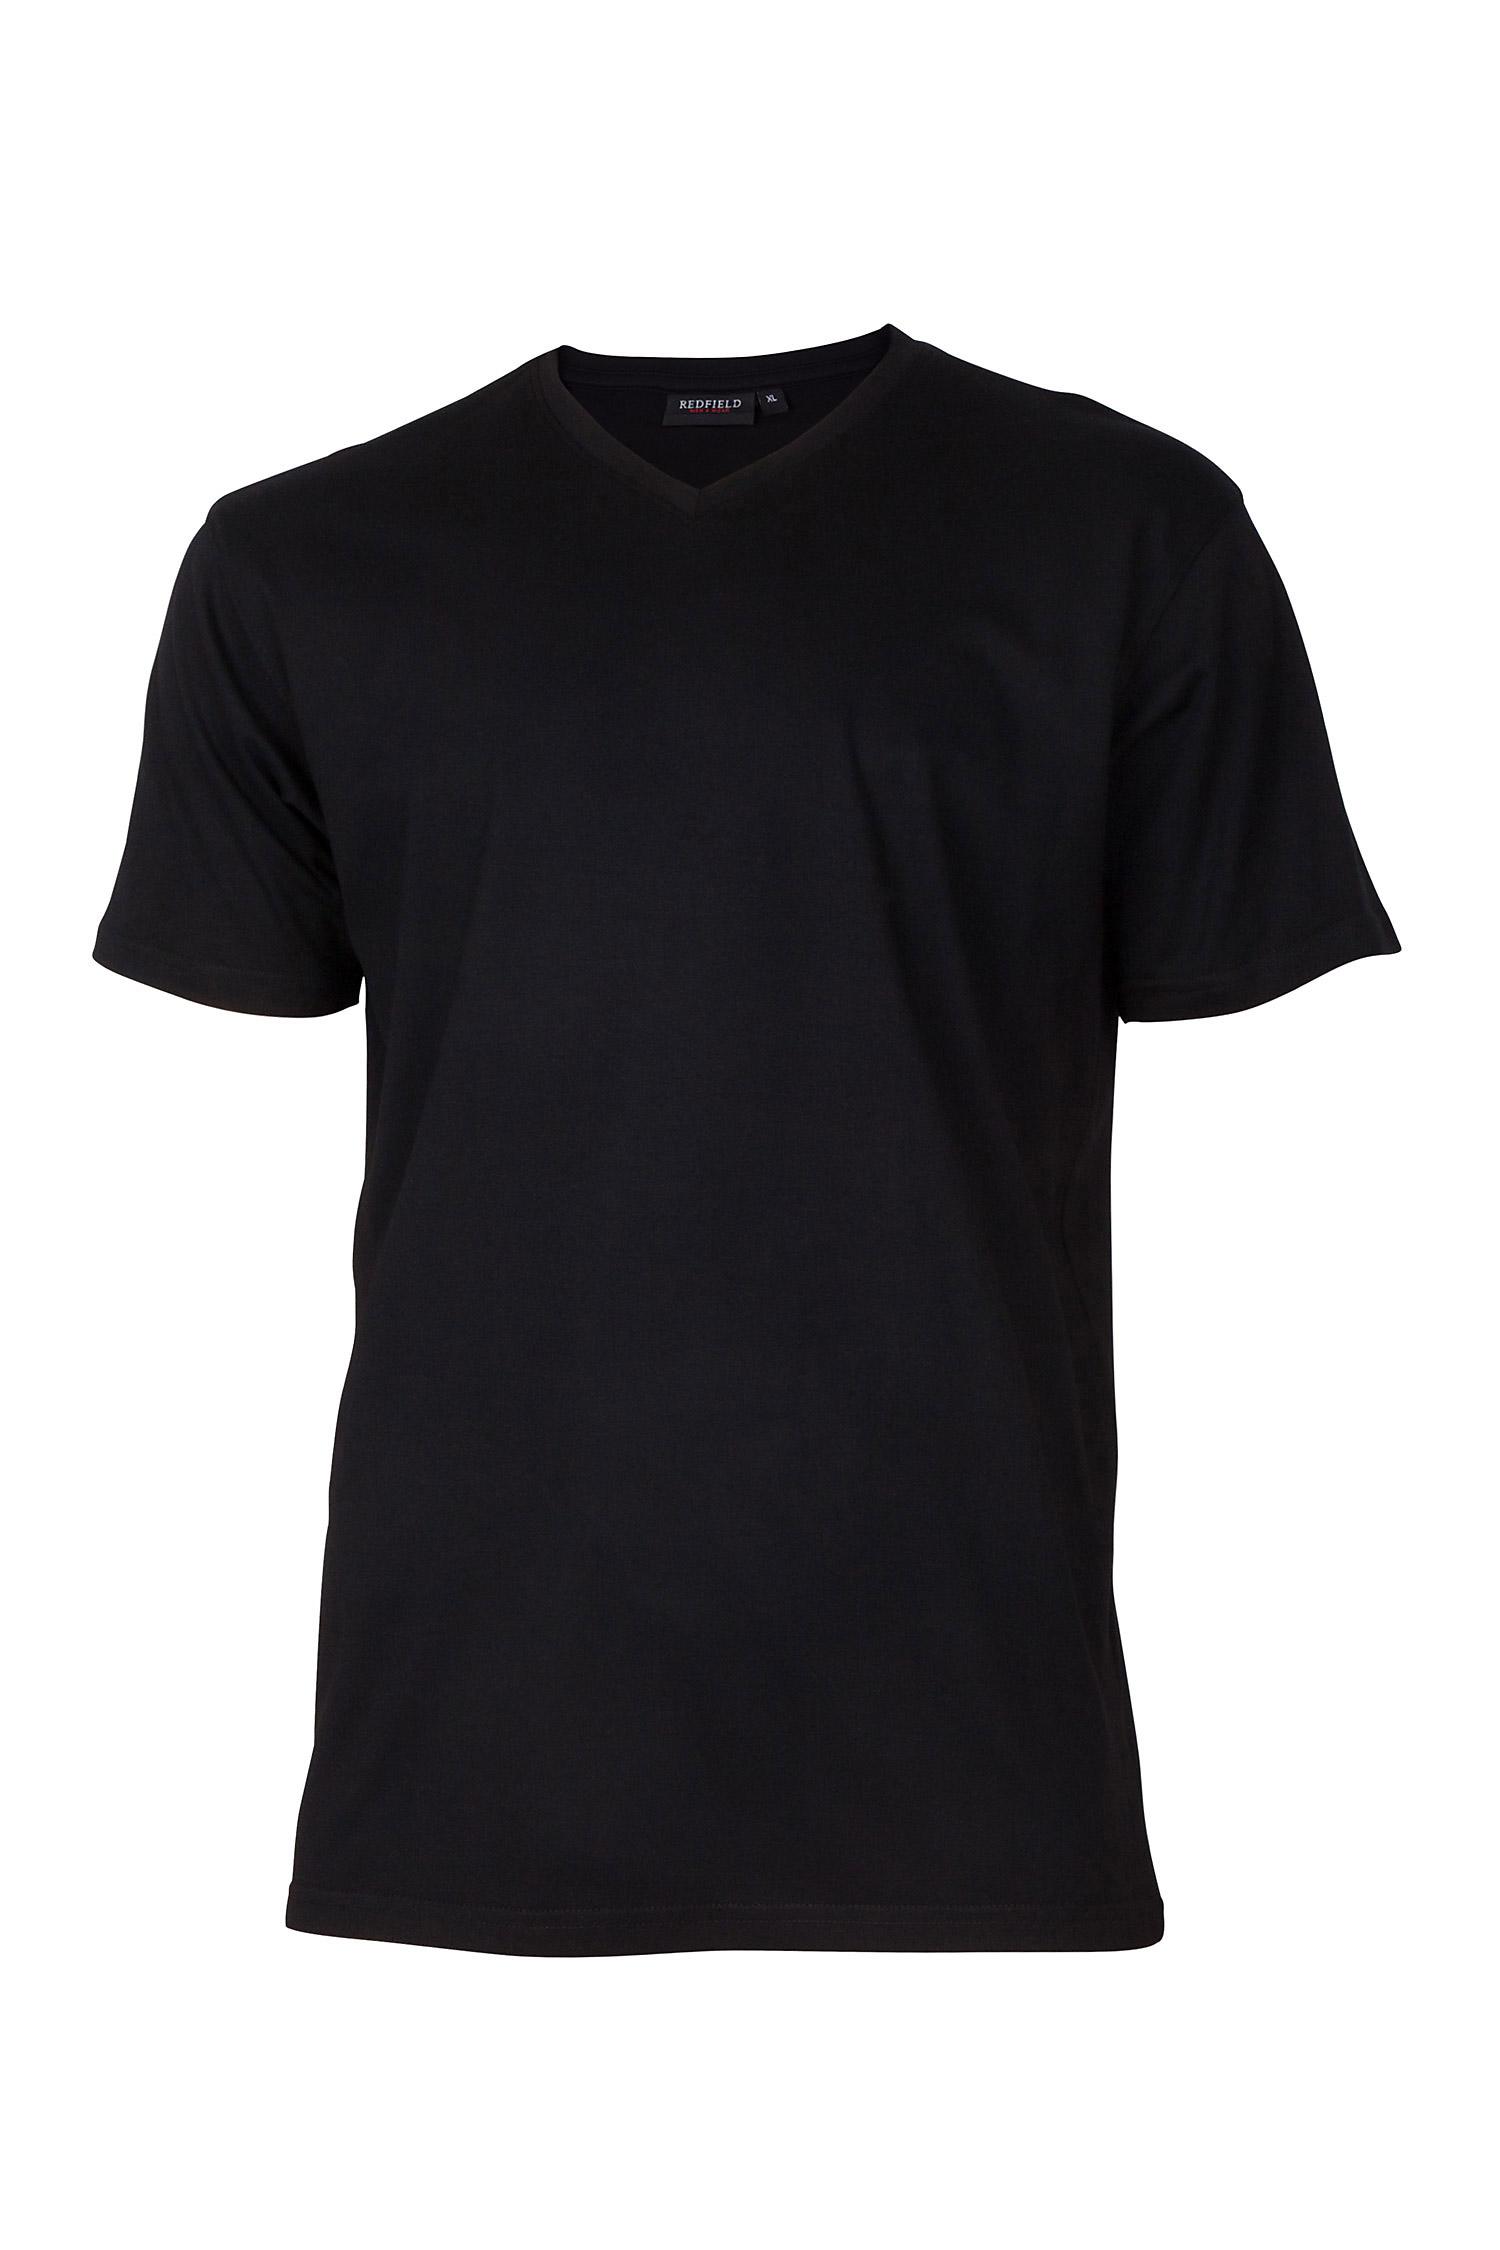 Sport, Camisetas M. Corta, 109110, NEGRO   Zoom